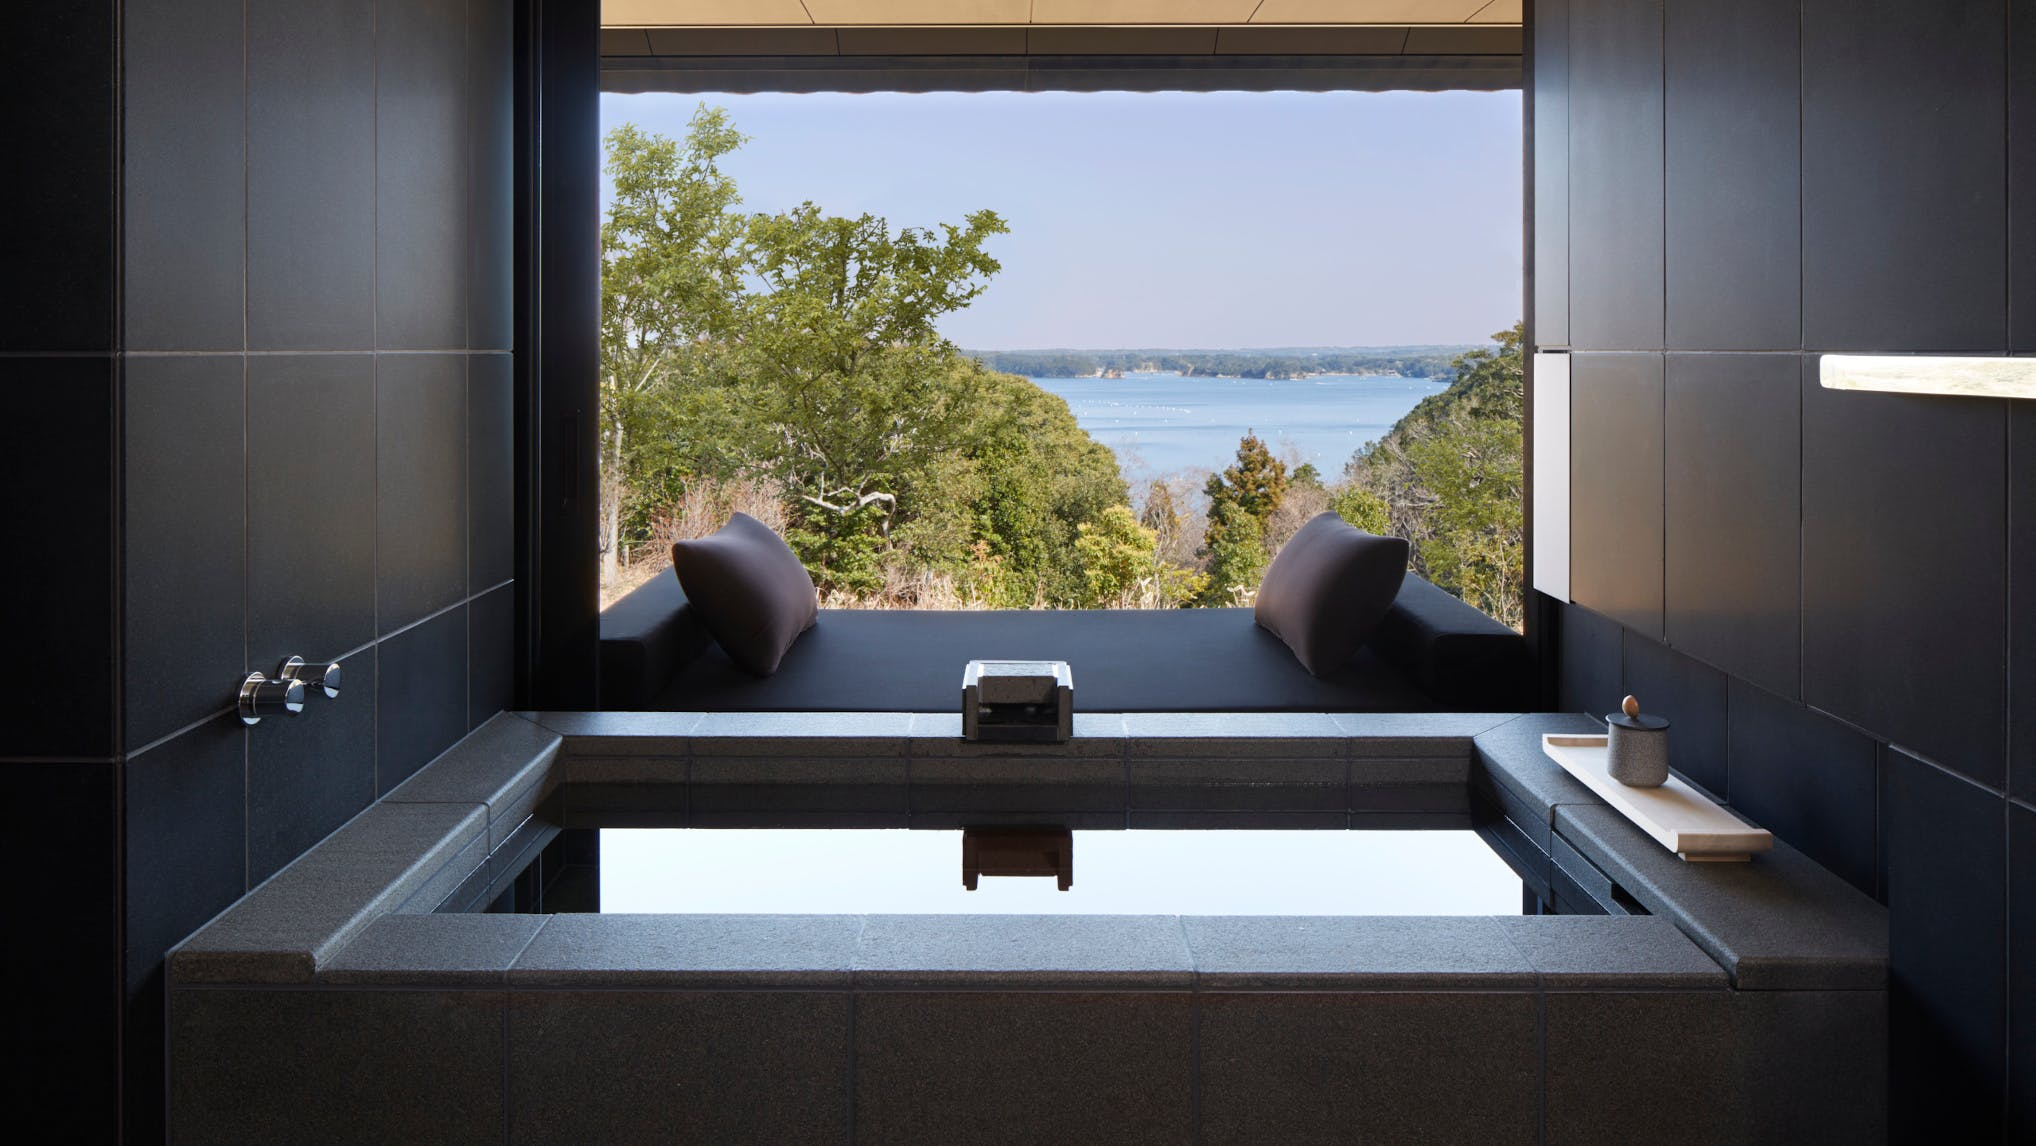 憧れの「アマン」、東京、京都、伊勢志摩で出会う世界トップクラスのリゾート体験